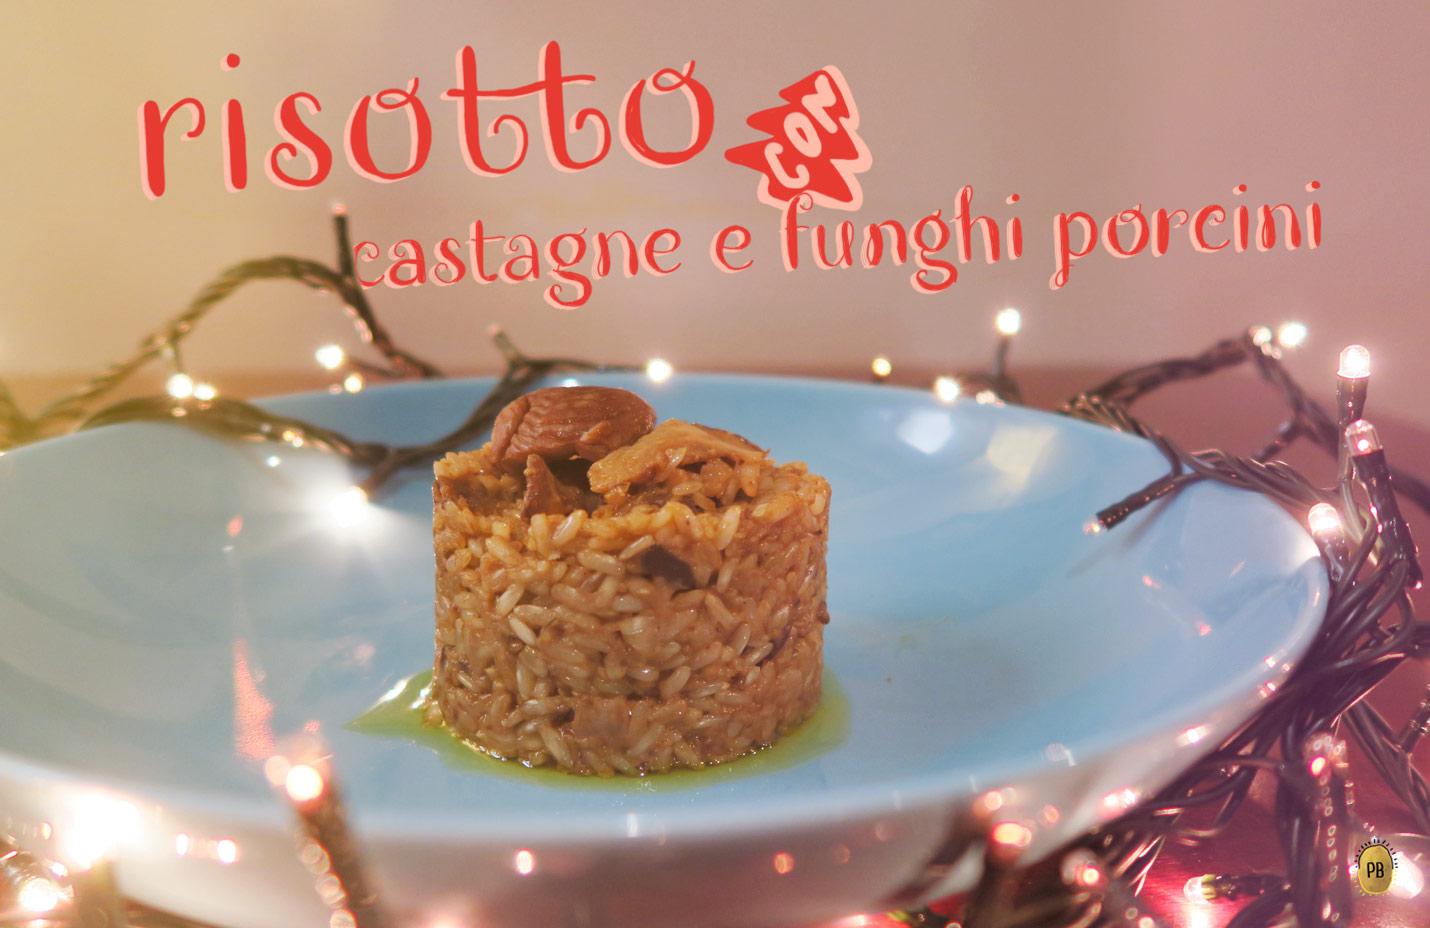 risotto-con-castagne-e-funghi_patata_bollente